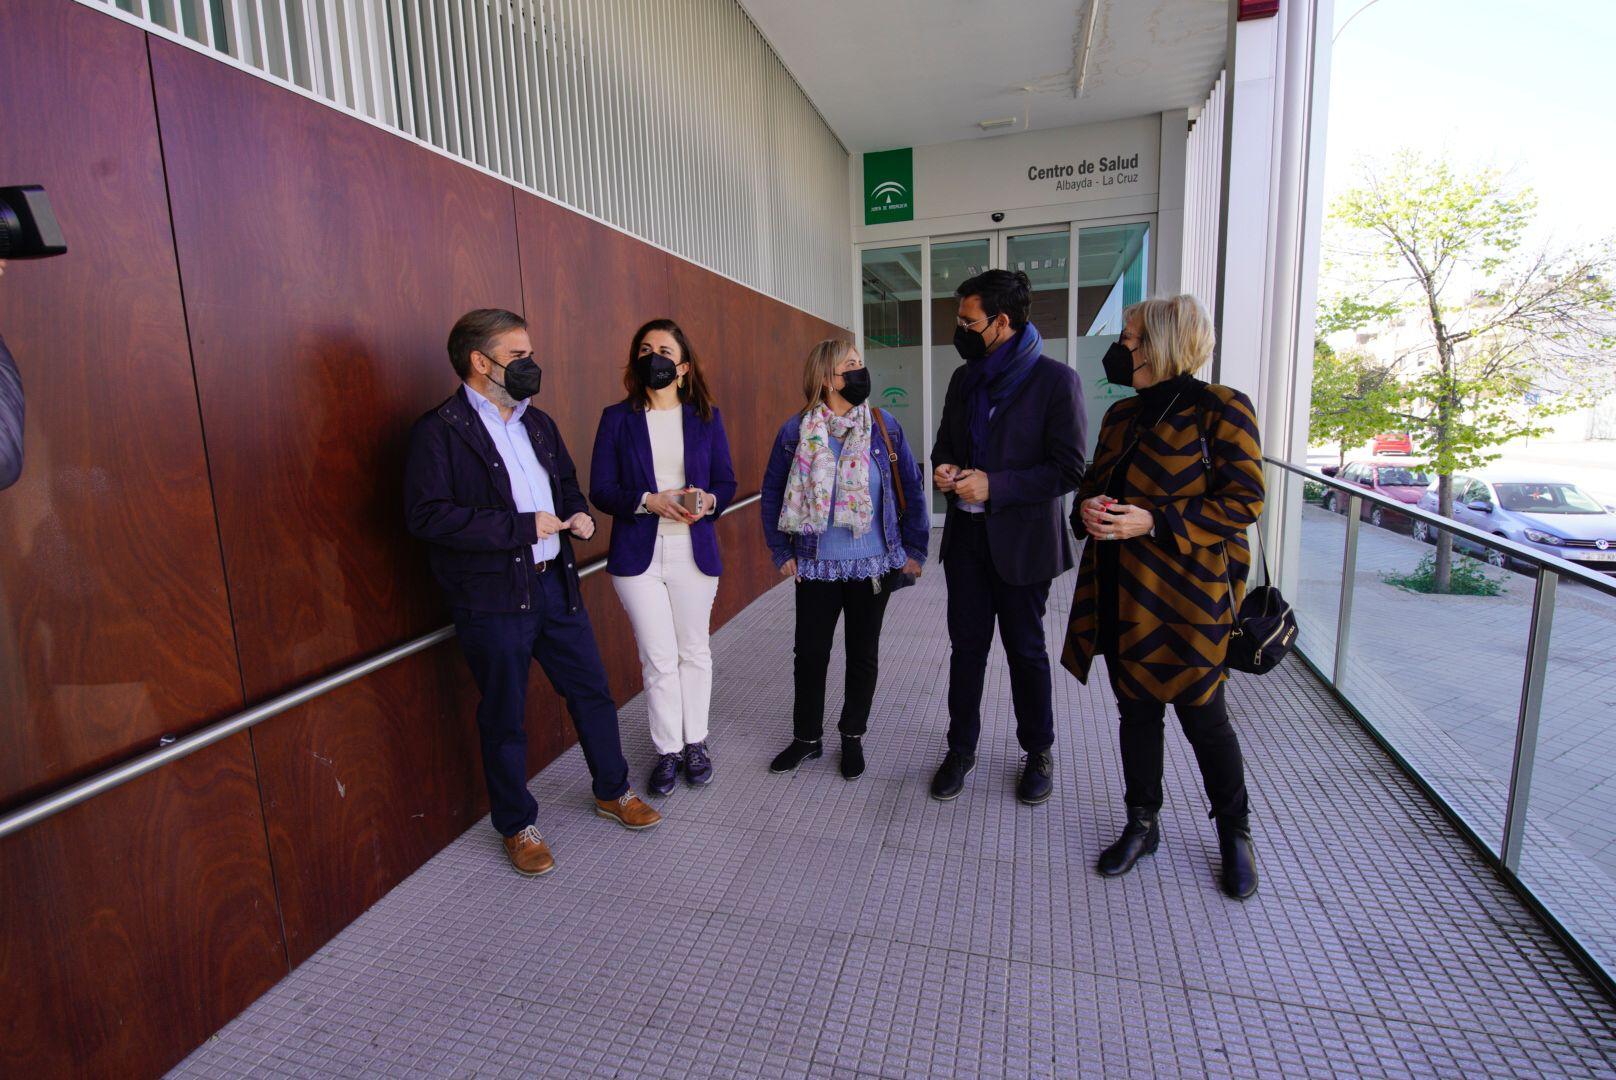 EL PSOE PIDE A LA JUNTA QUE LOS MAYORES PUEDAN VACUNARSE EN LOS CENTROS DE SALUD DE SUS BARRIOS VISITA-AL-CENTRO-DE-SALUD-DE-ALBAYDA